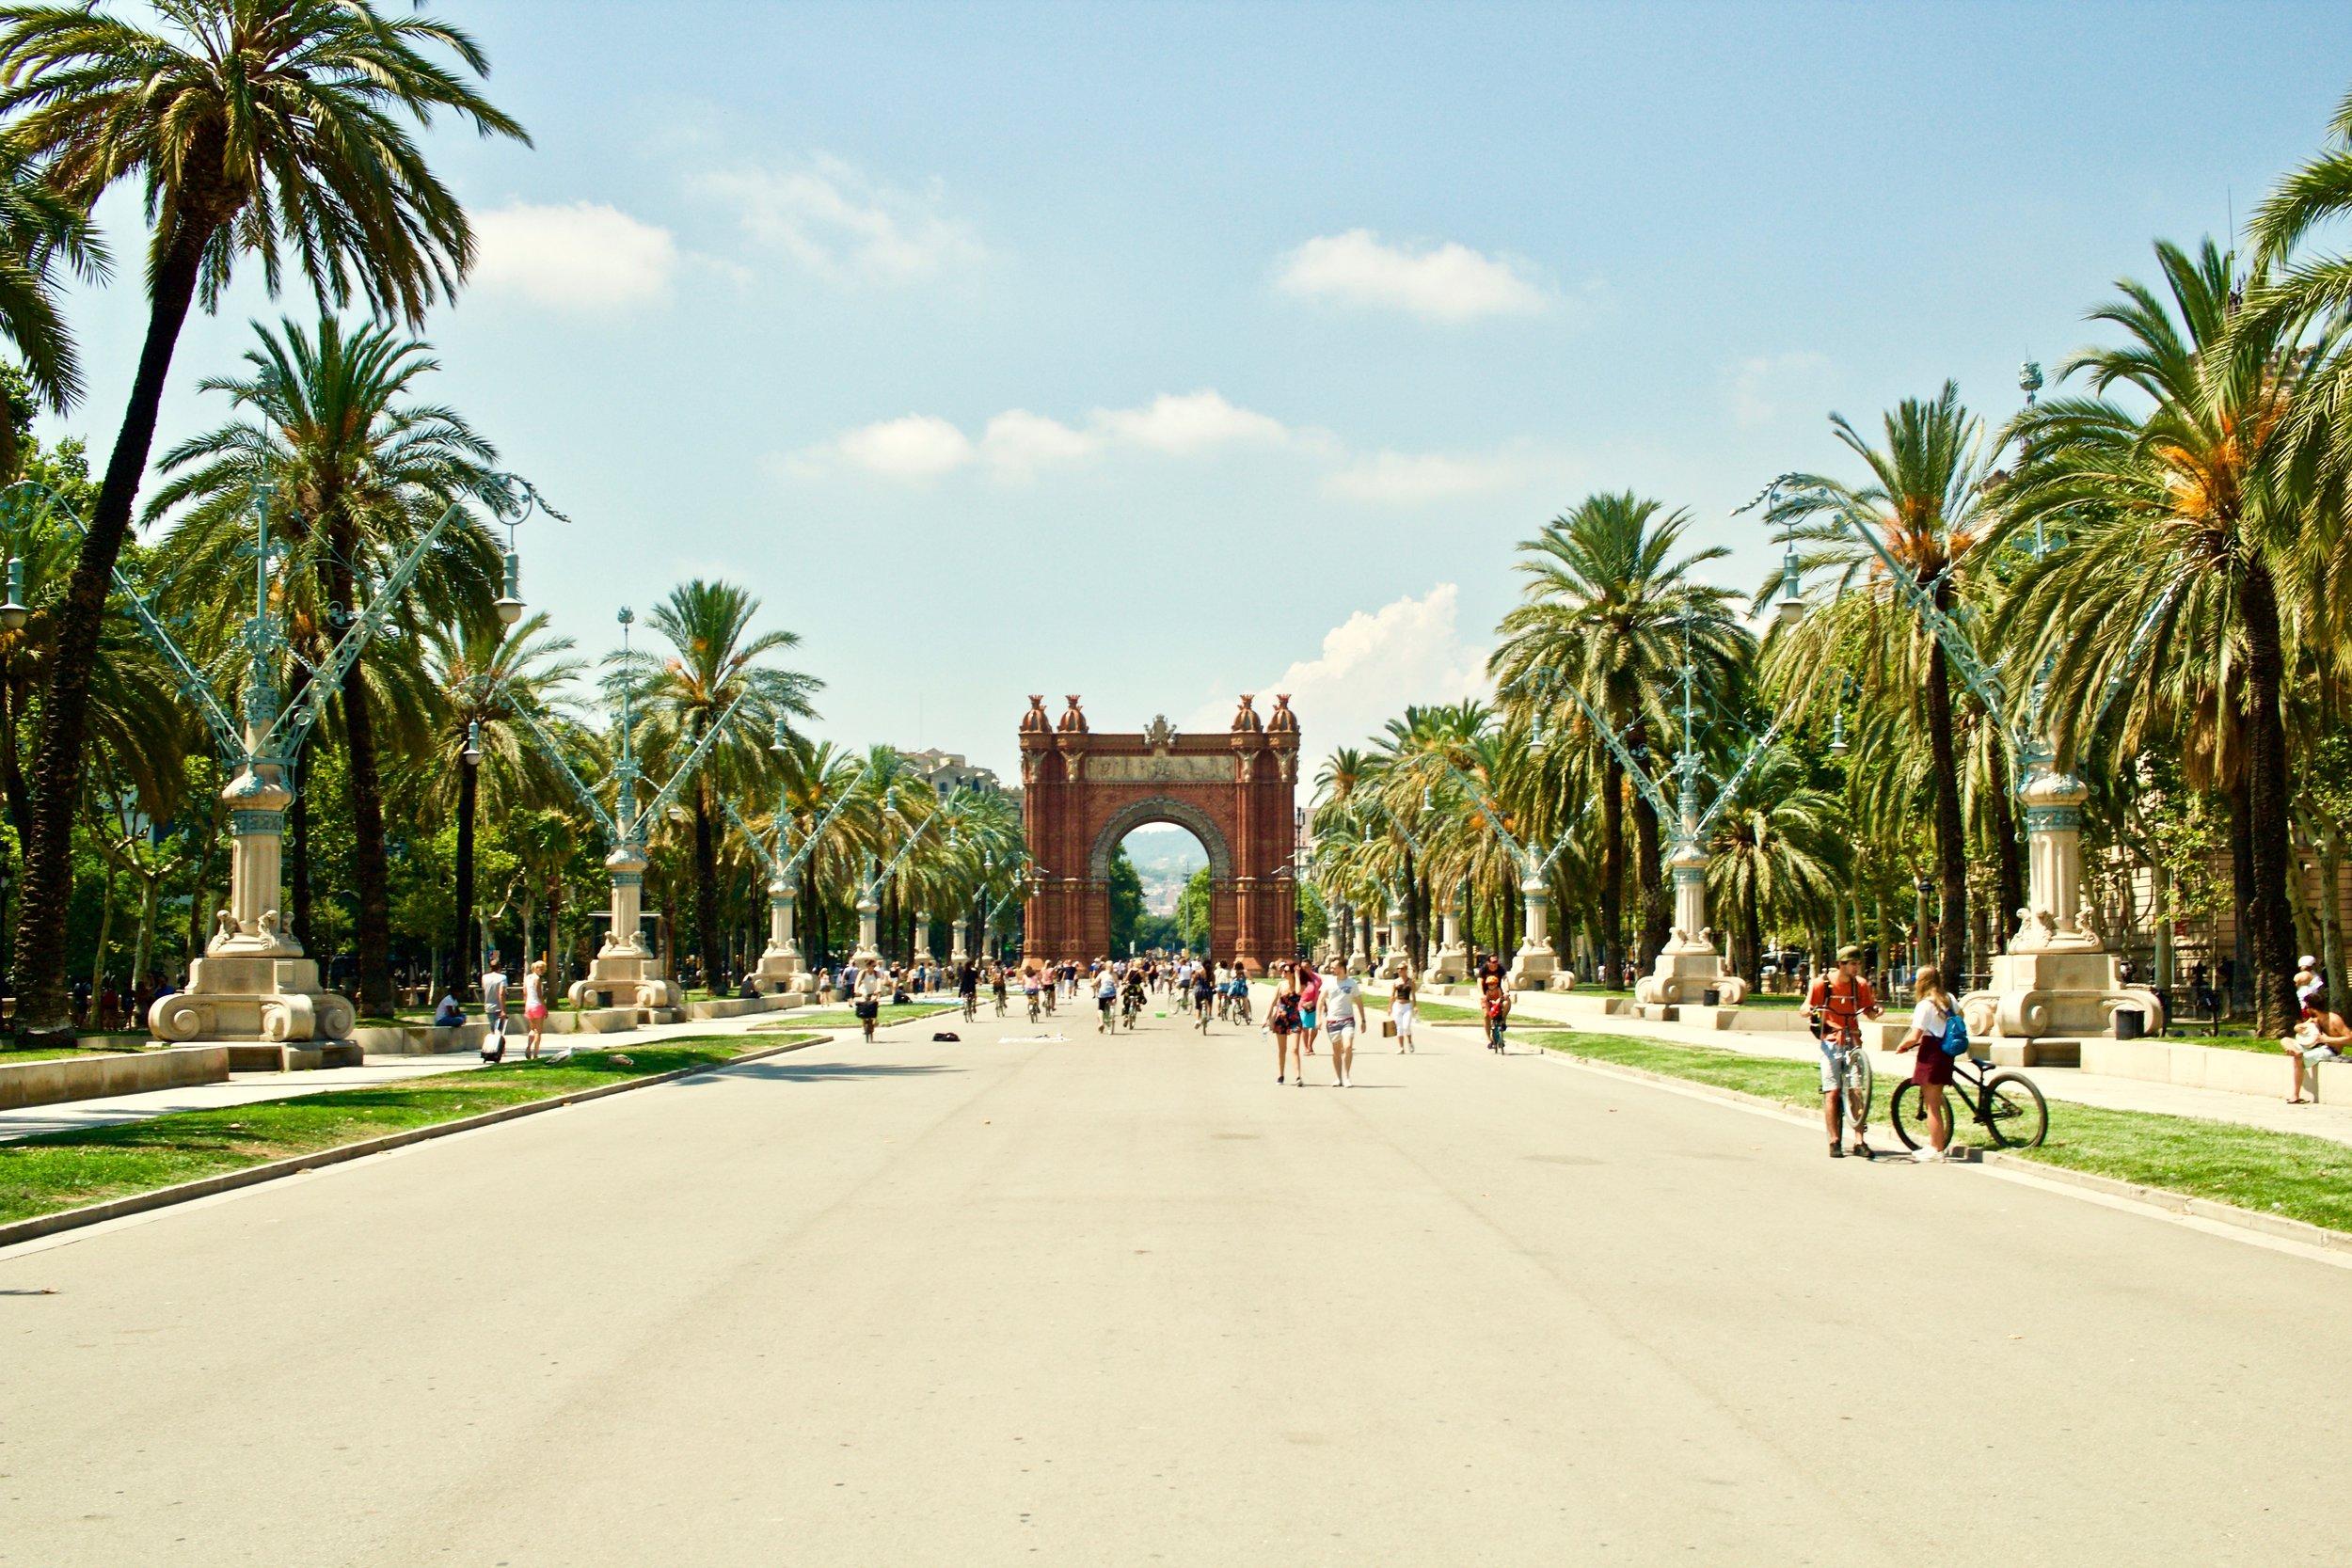 Barcelona, Spain - taken during a summer program